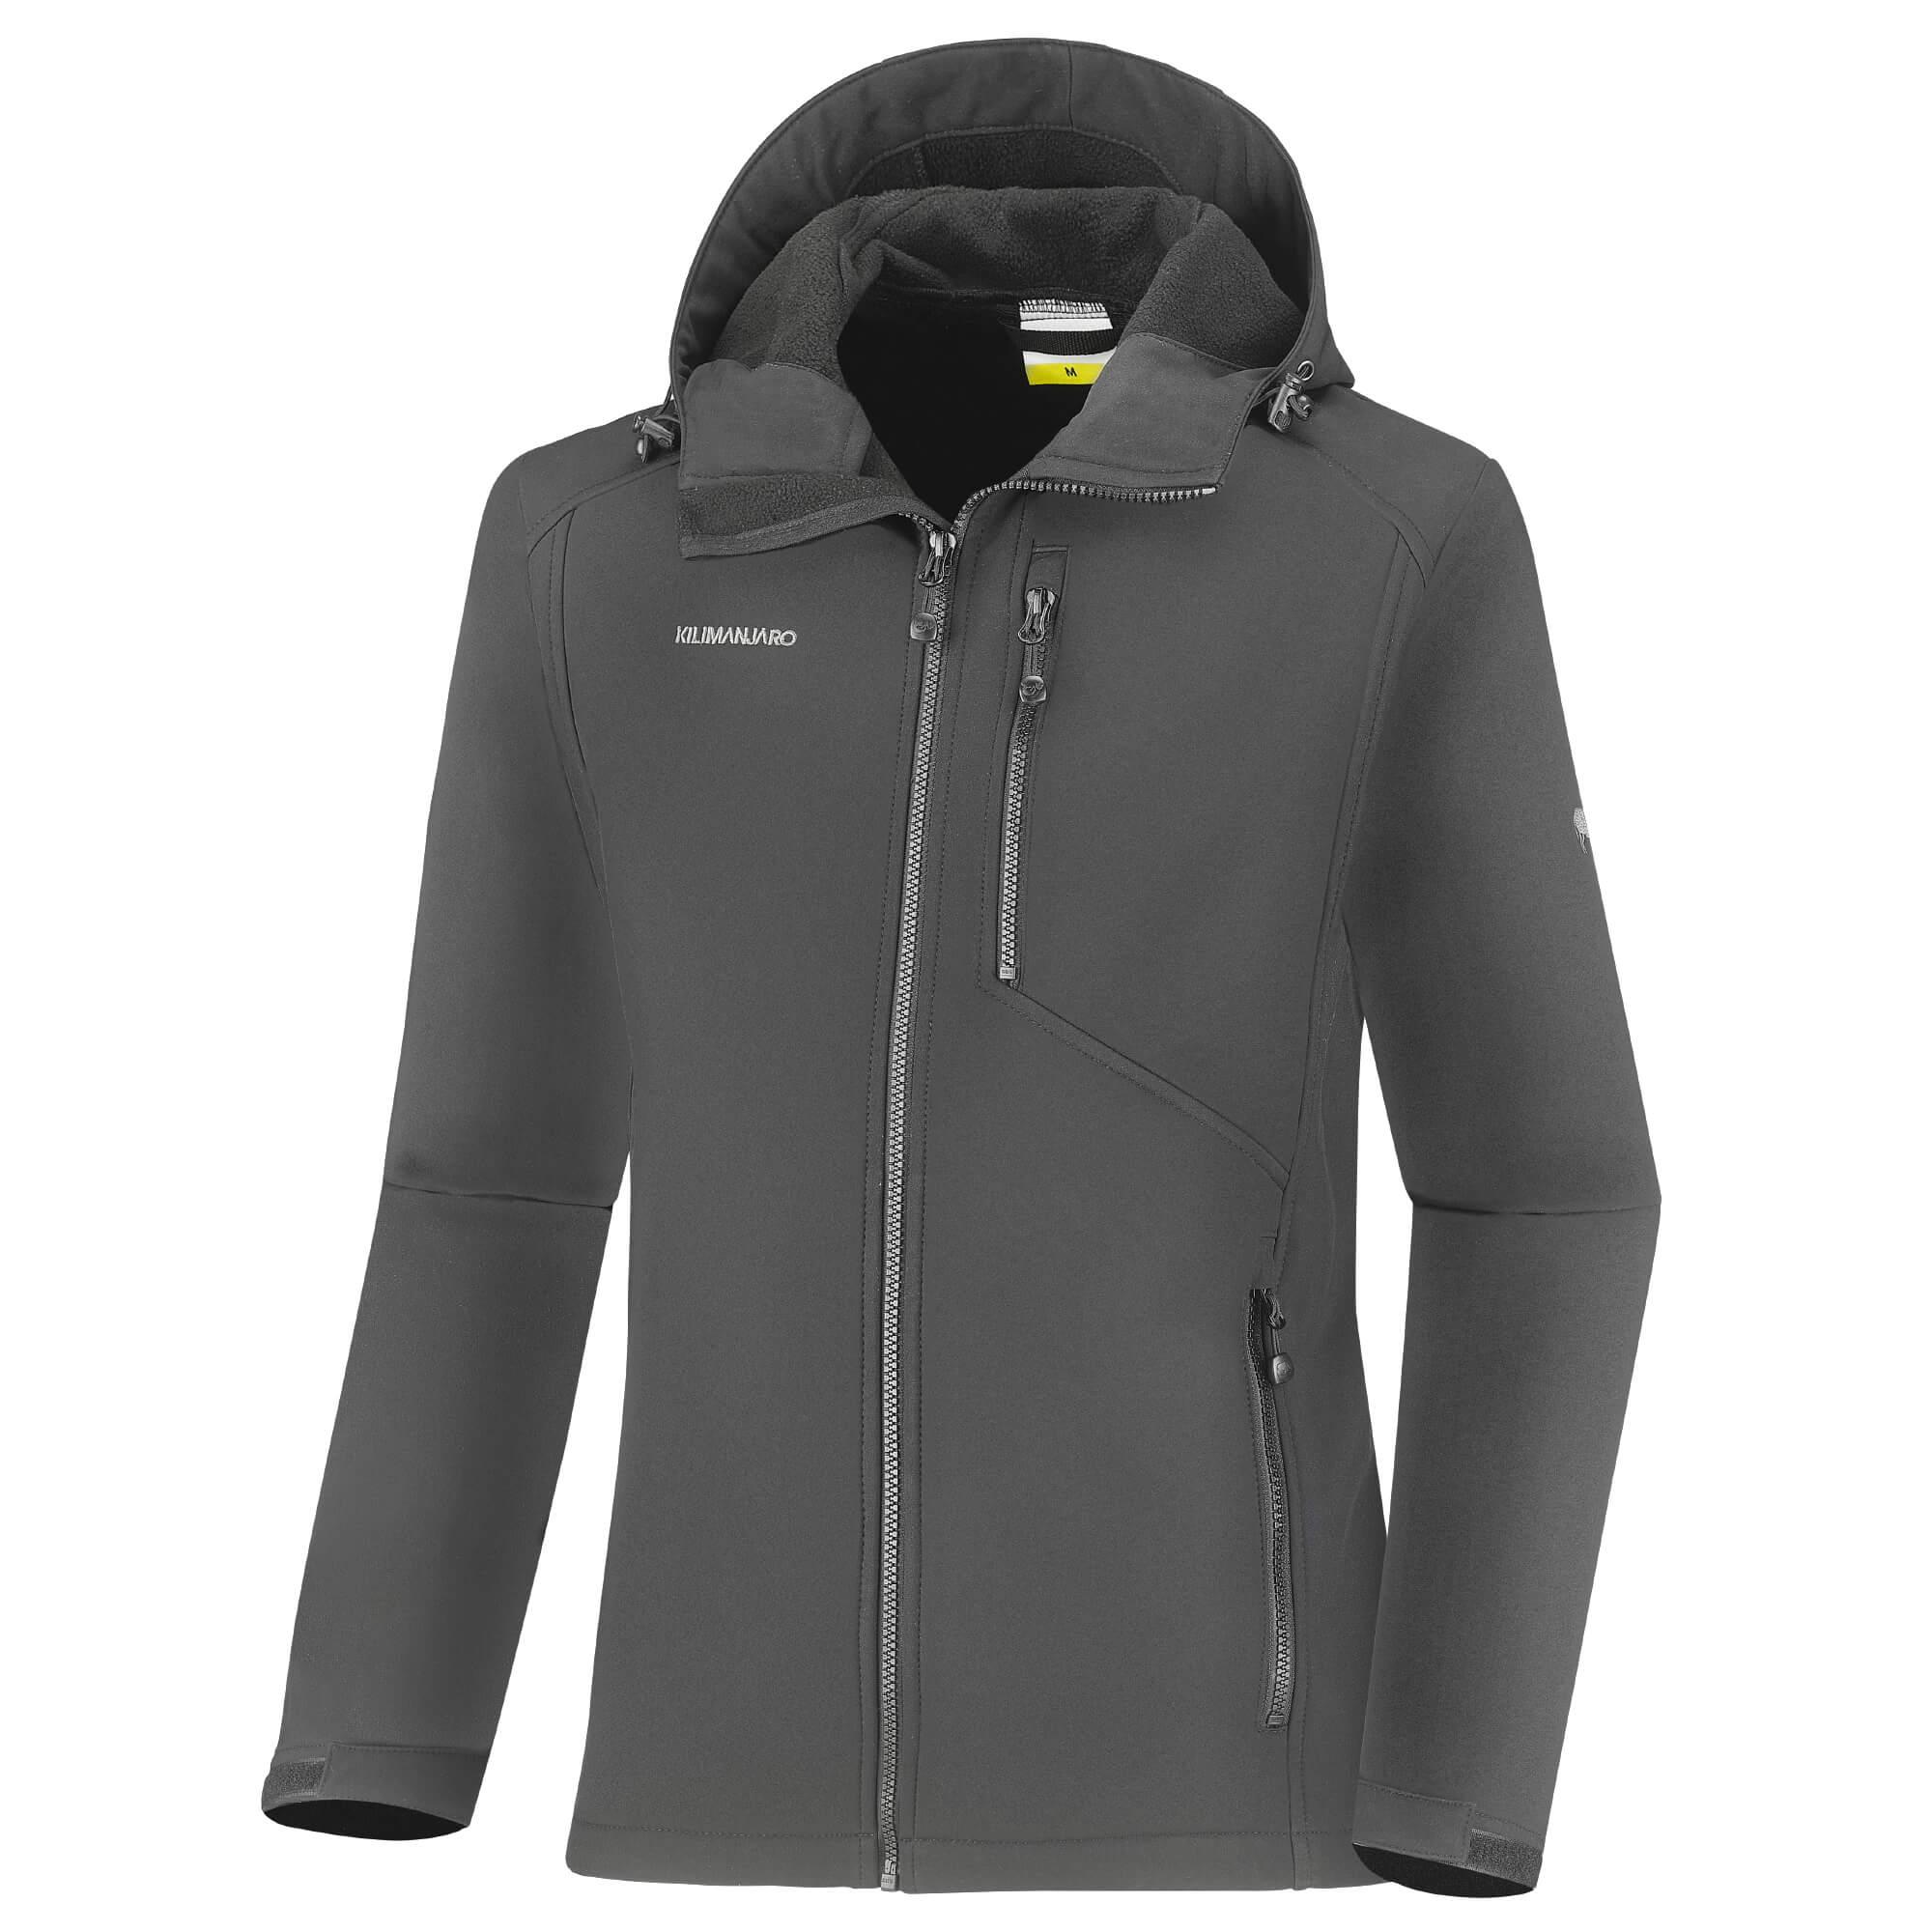 Kilimanjaro Idahoe Férfi softshell dzseki, Zöld, XL eMAG.hu